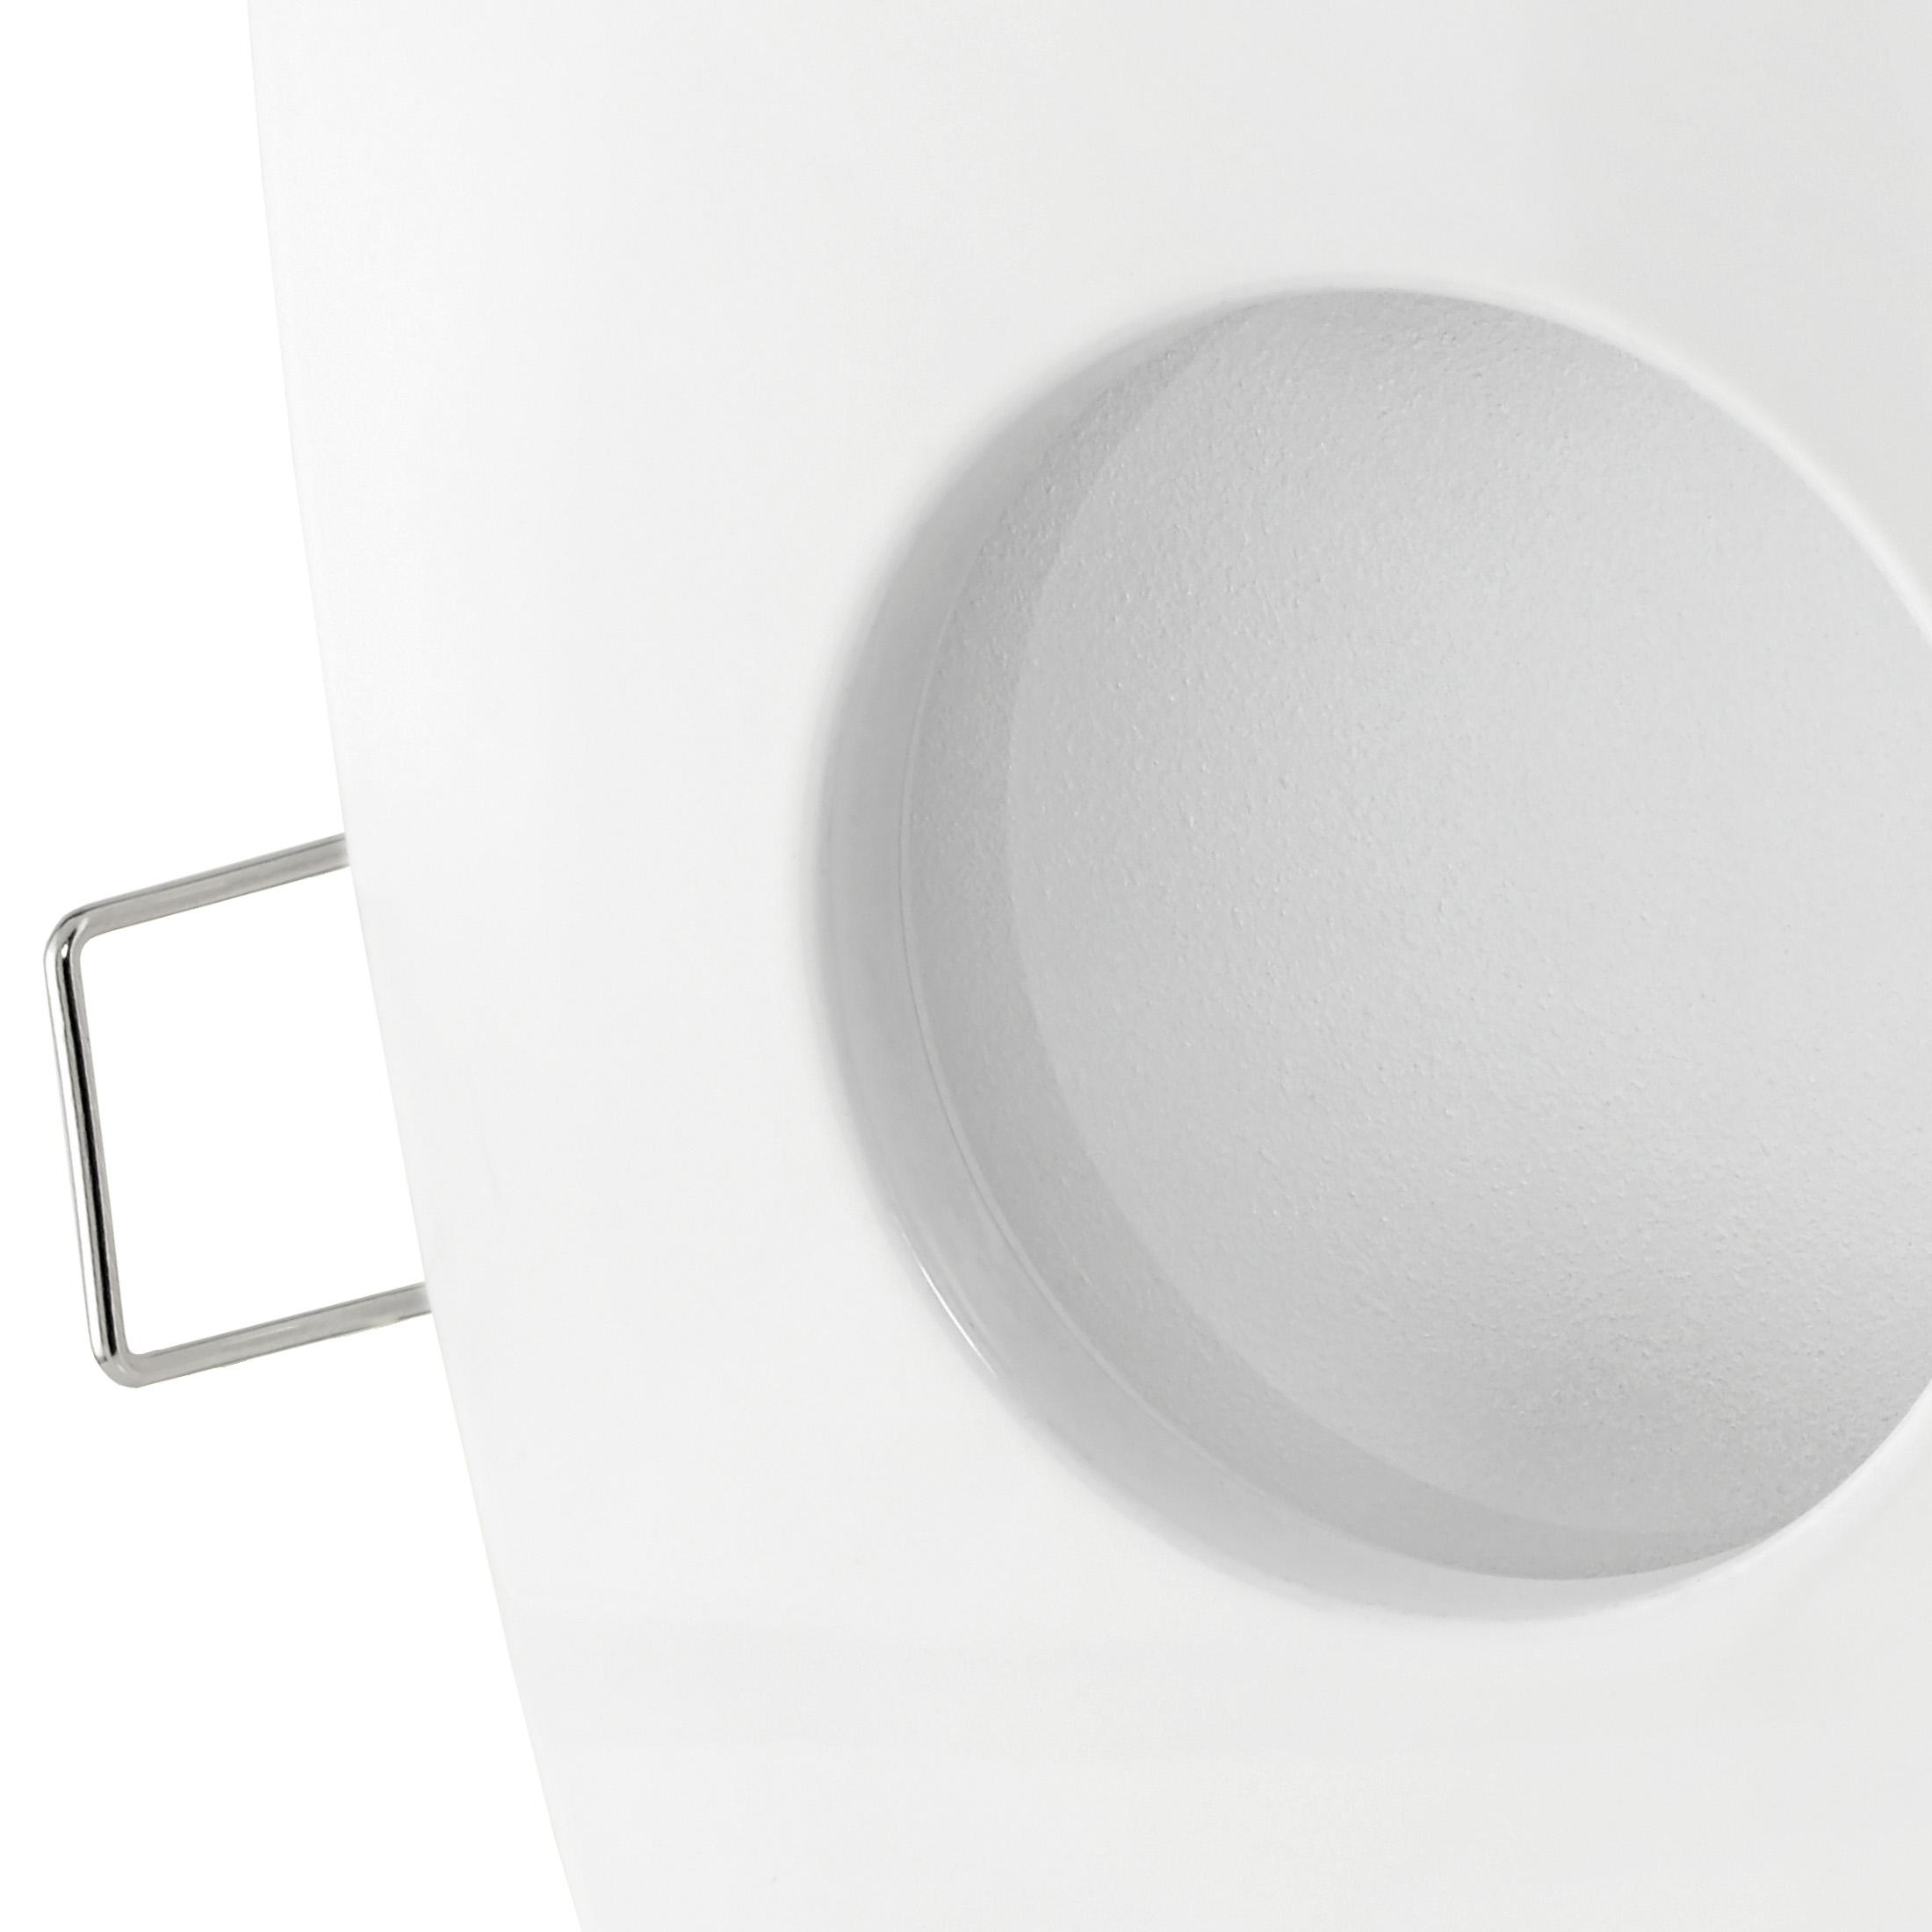 qw 1 led einbaustrahler weiss bad dusche aussenbereich. Black Bedroom Furniture Sets. Home Design Ideas